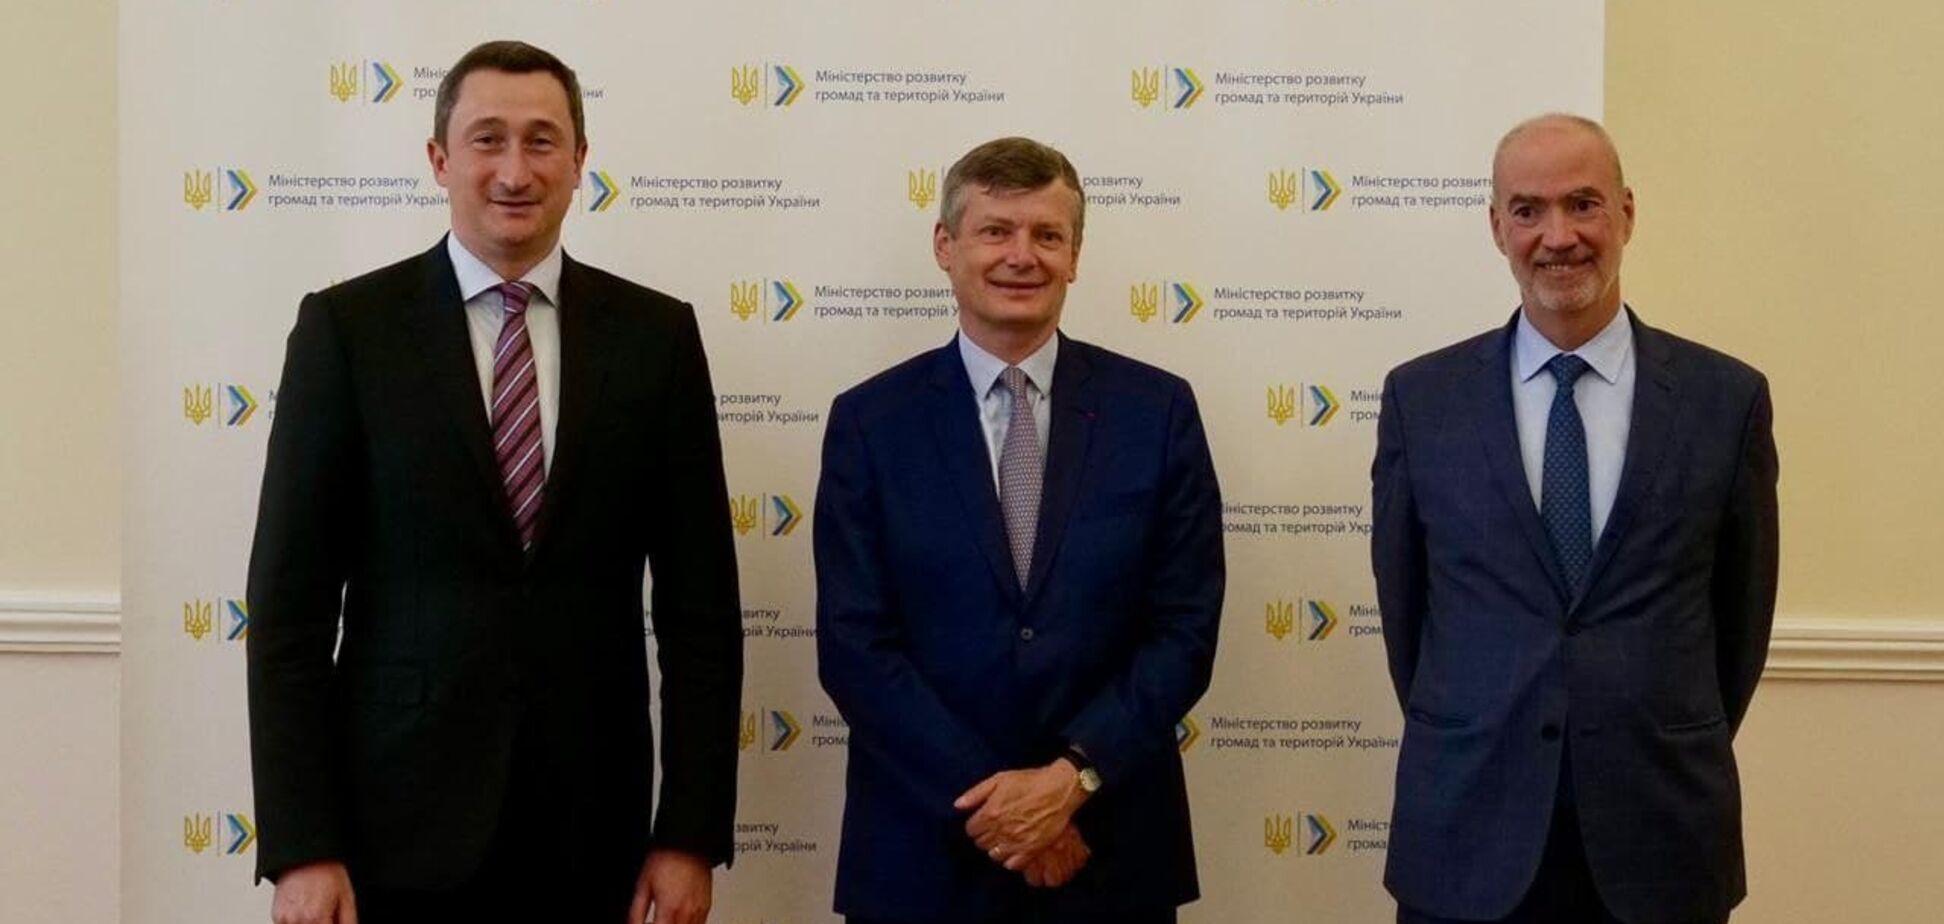 Опыт института префектов Франции будет полезным Украине, – Чернышов